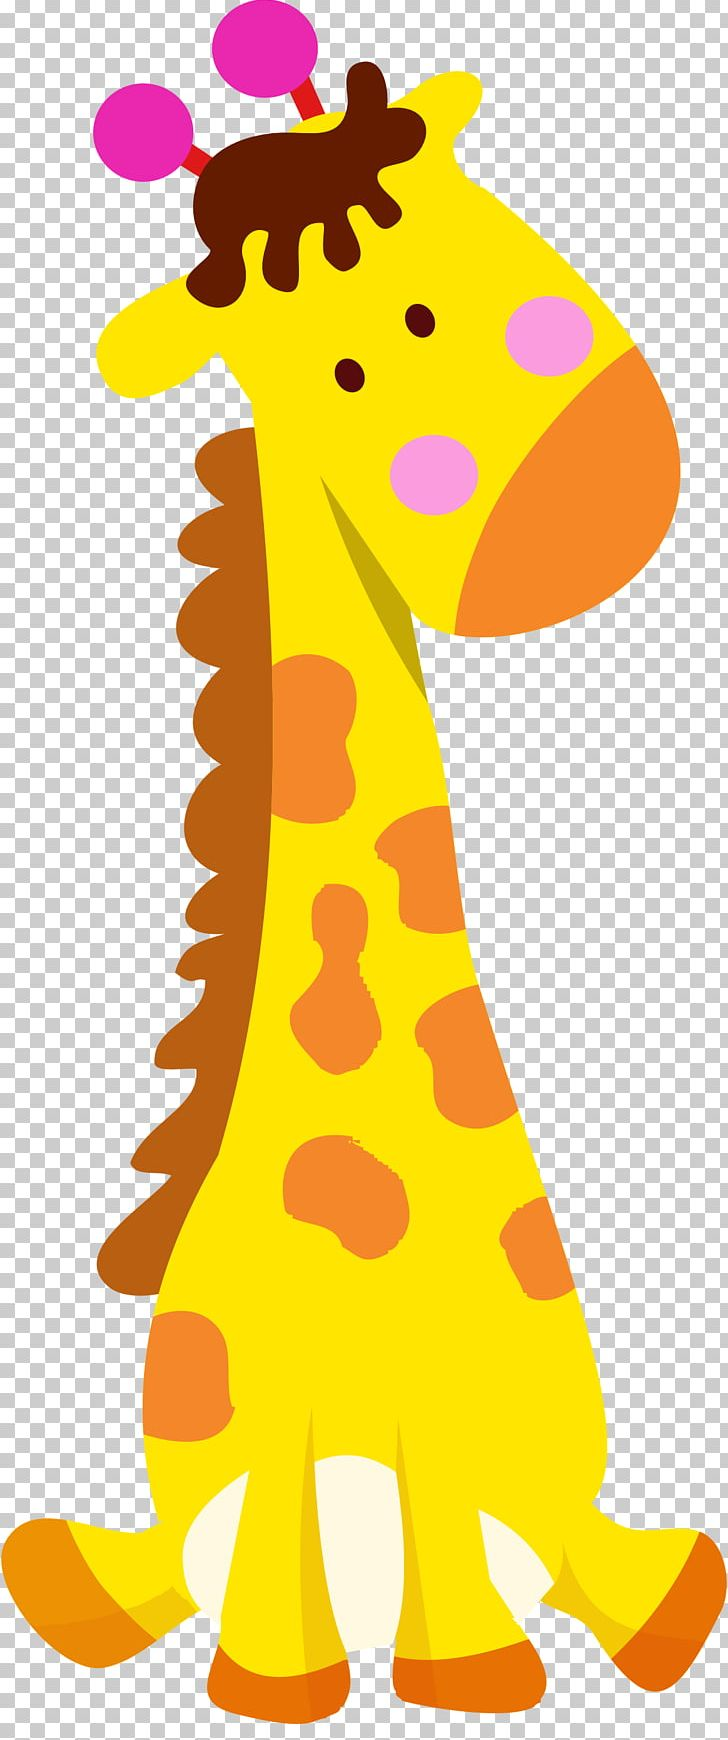 giraffe clipart caricature